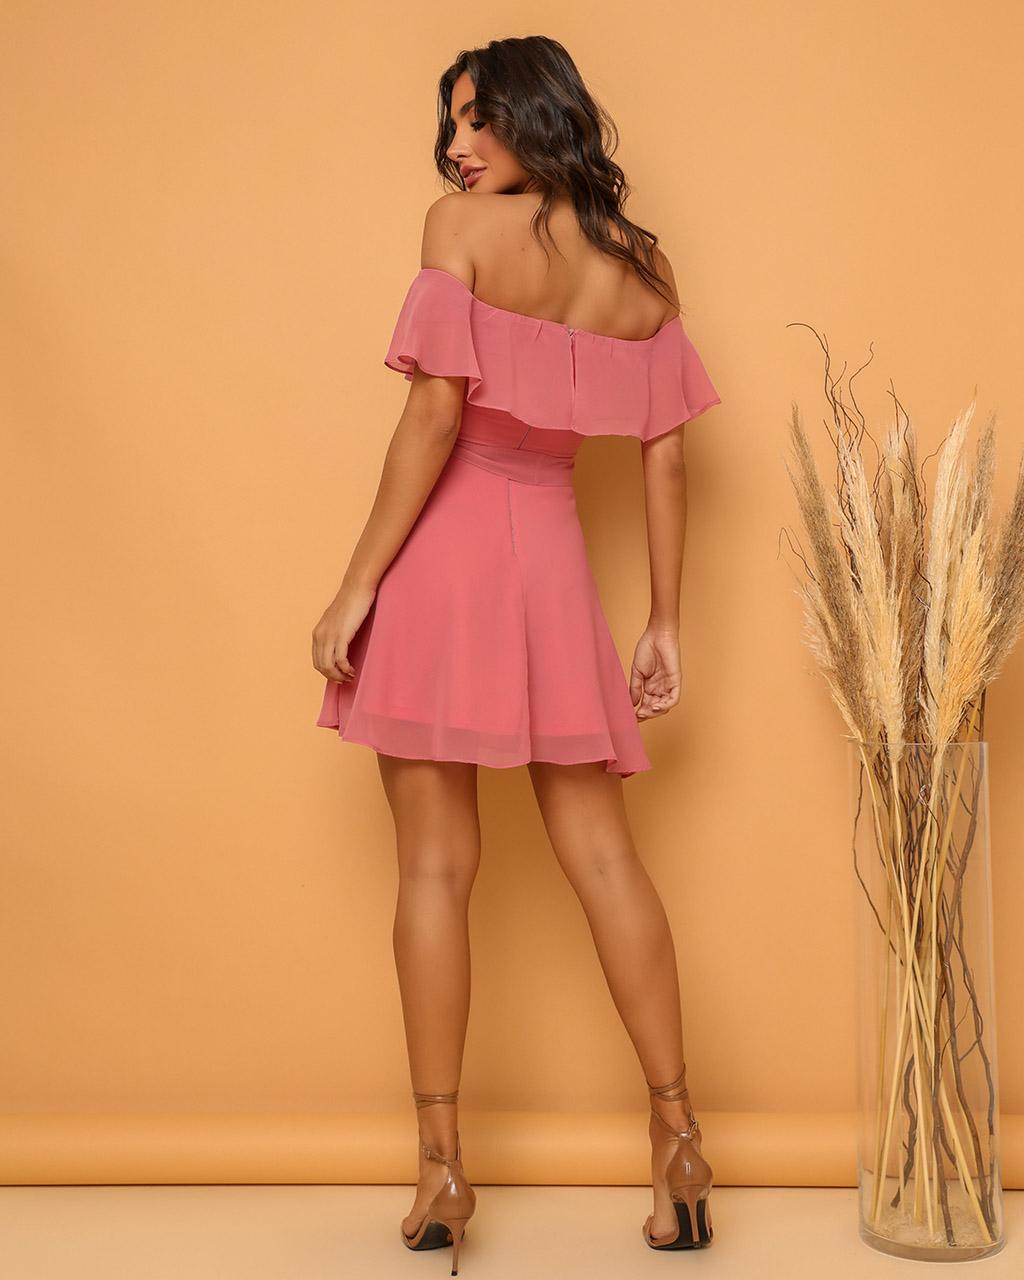 Vestido Cinara  - Empório NM